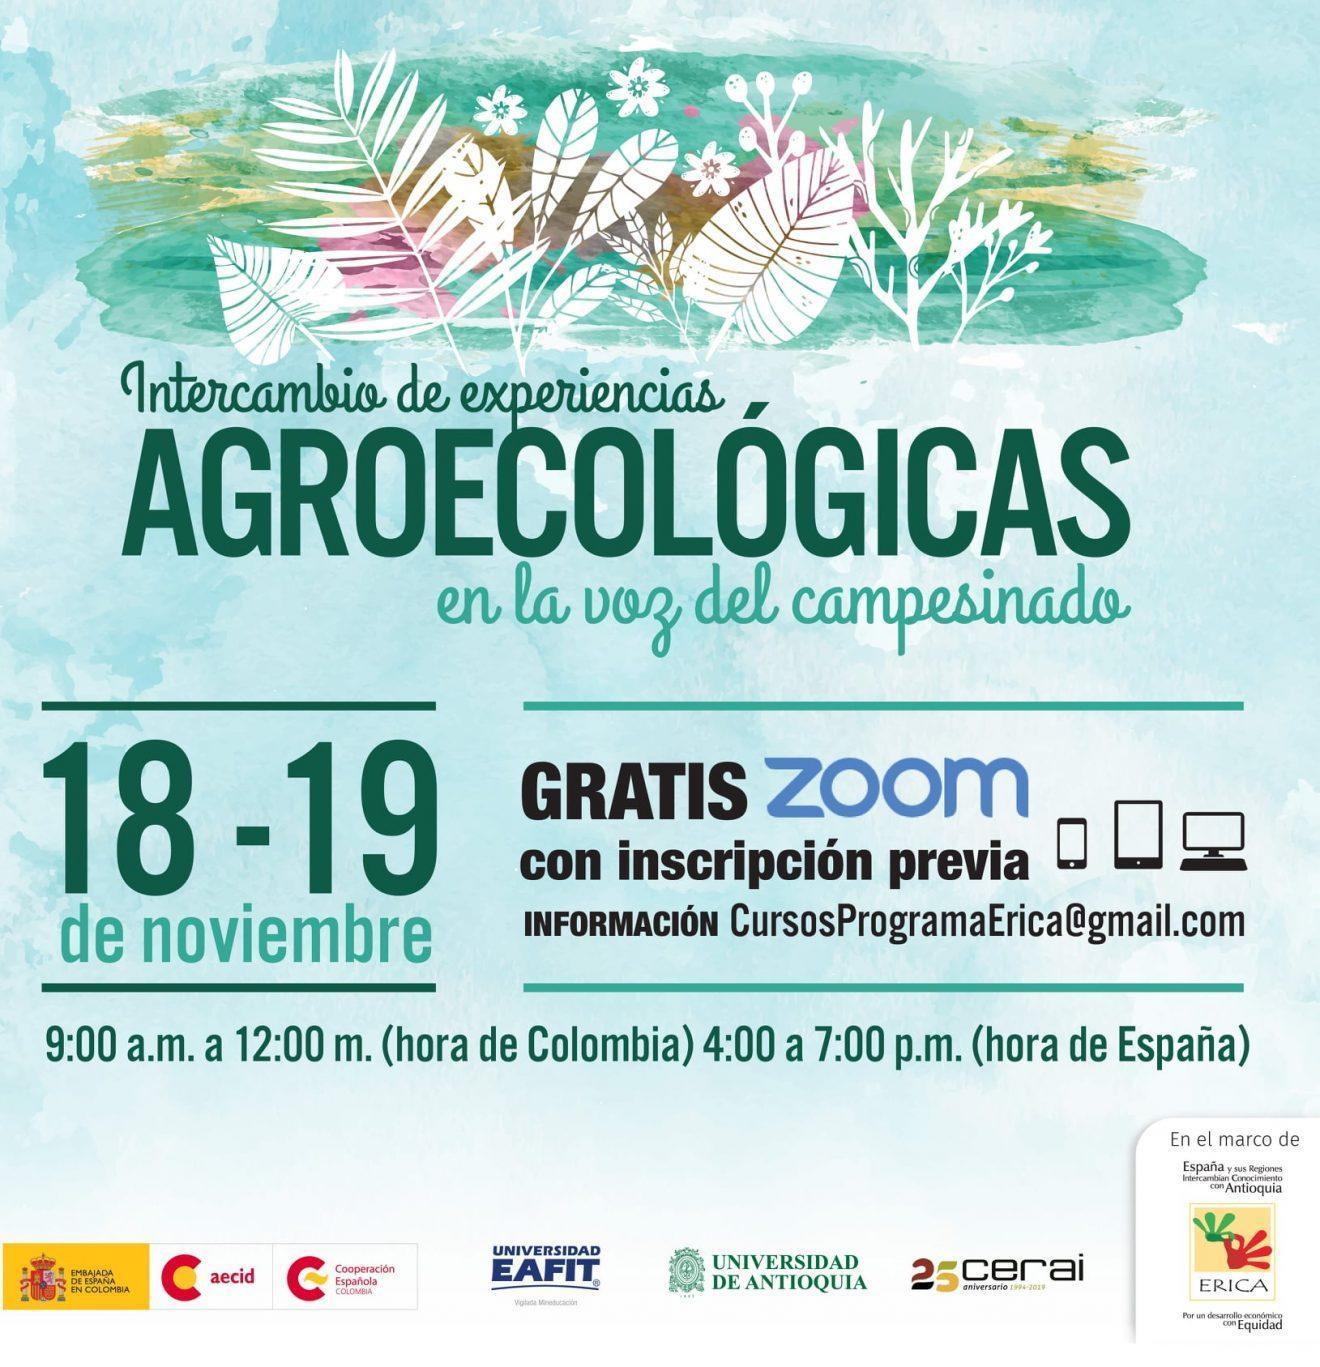 Intercambio de experiencias agroecológicas en la voz del campesinado